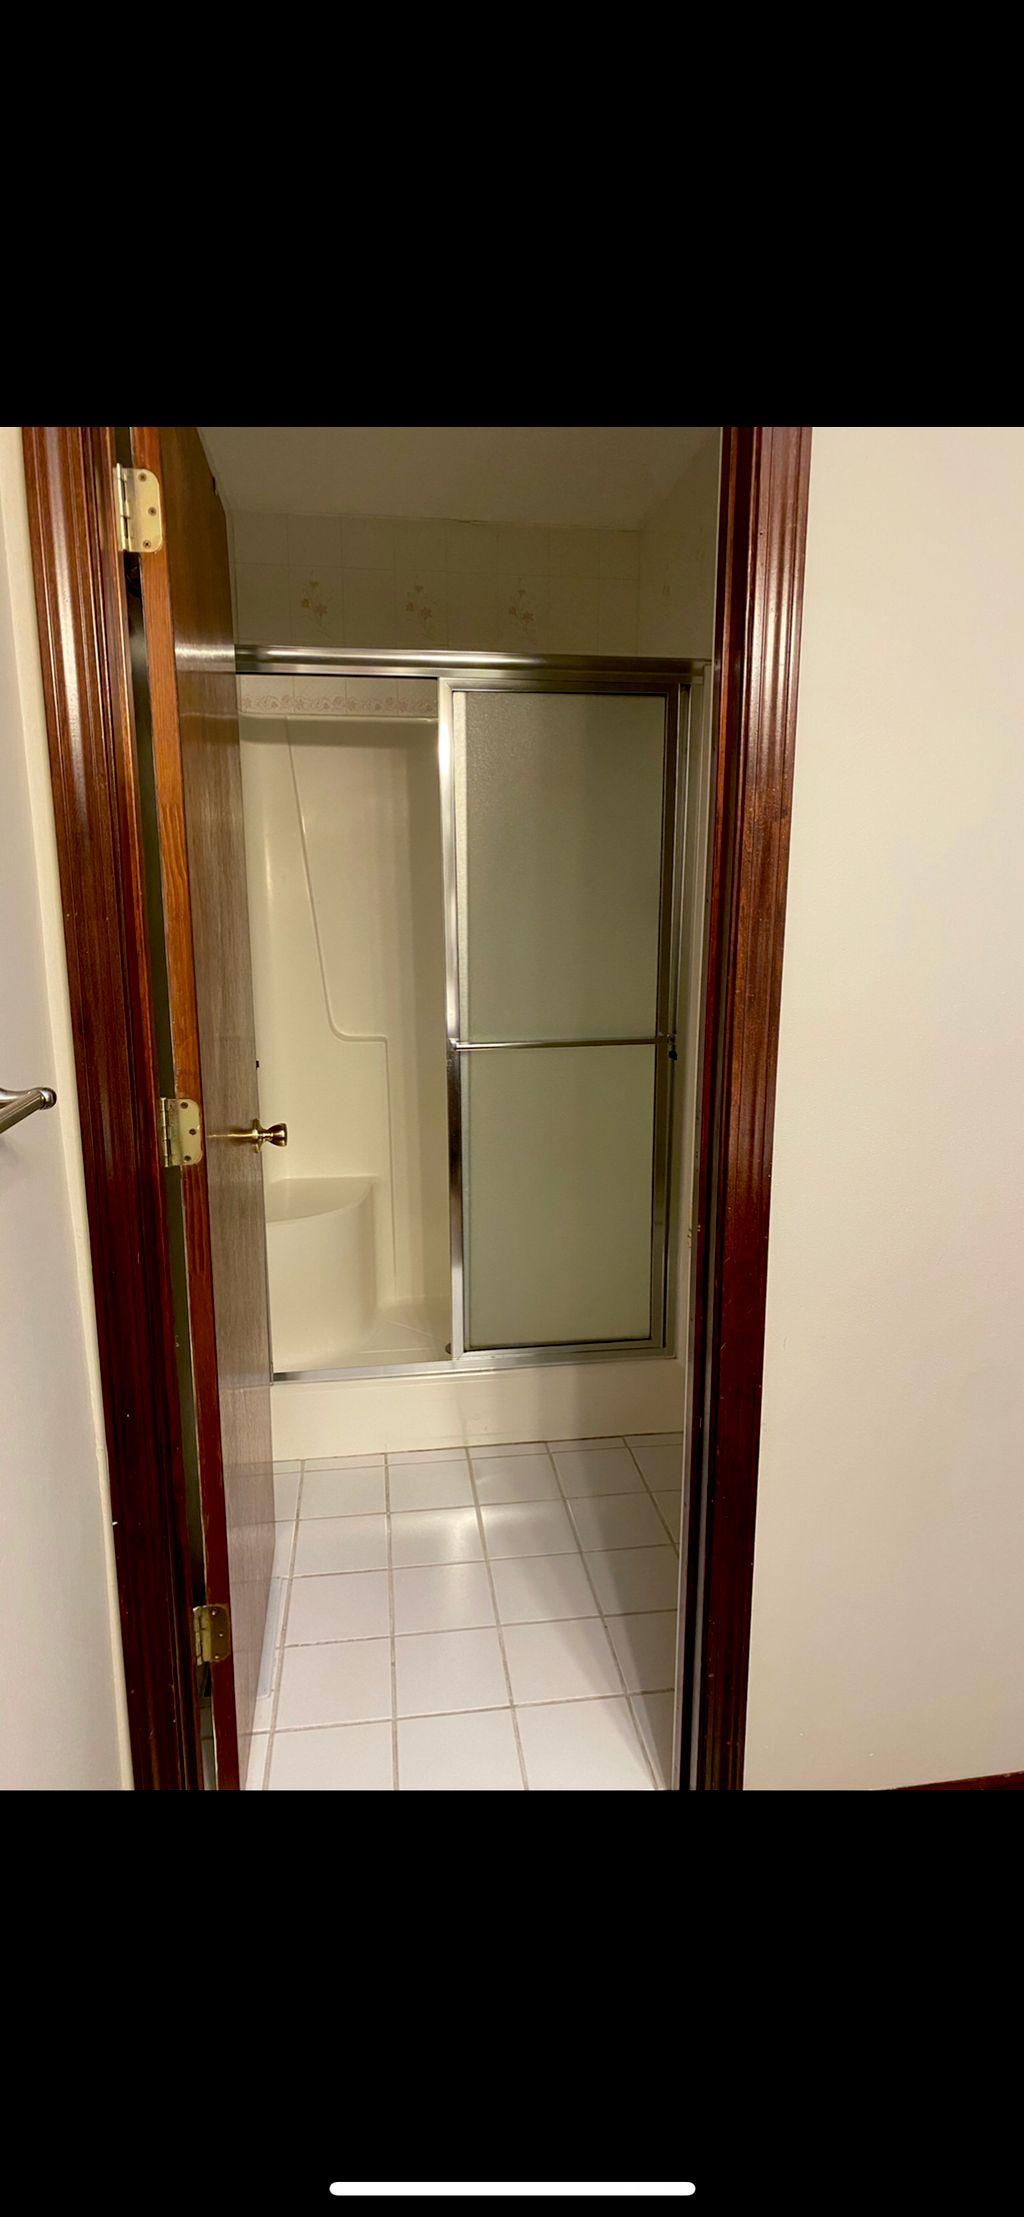 Bathroom remodel, expansion